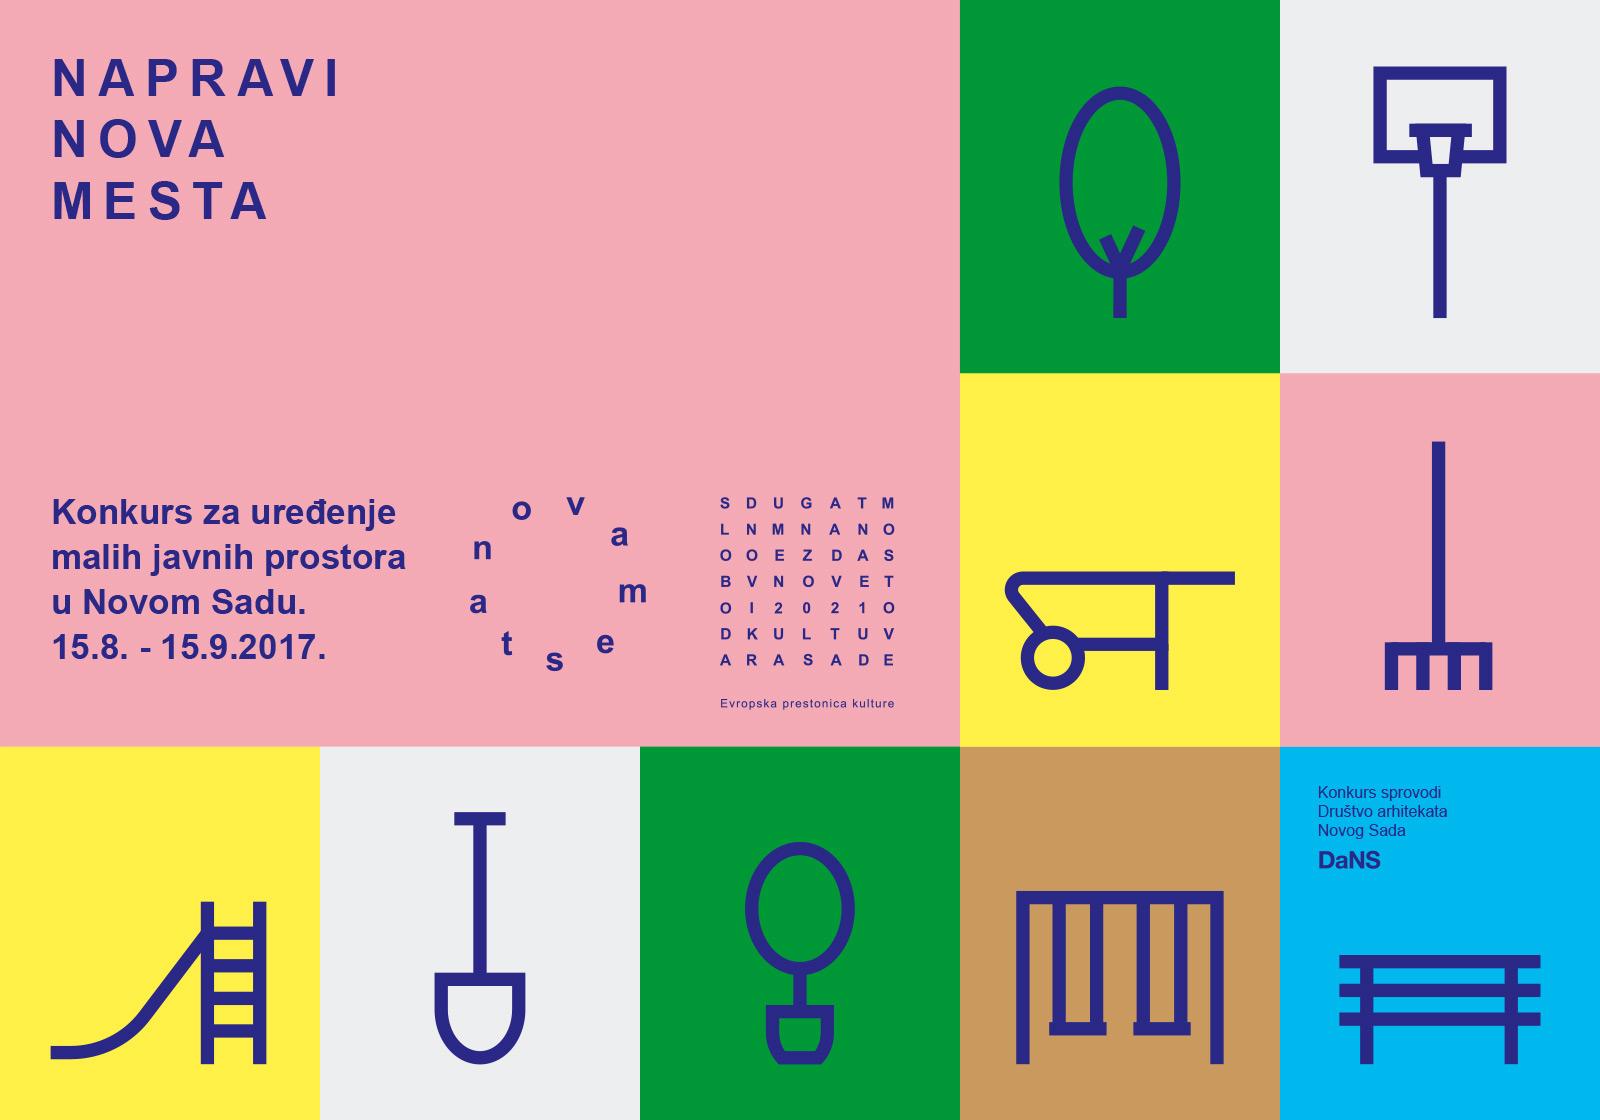 nova_mesta_press_with_info